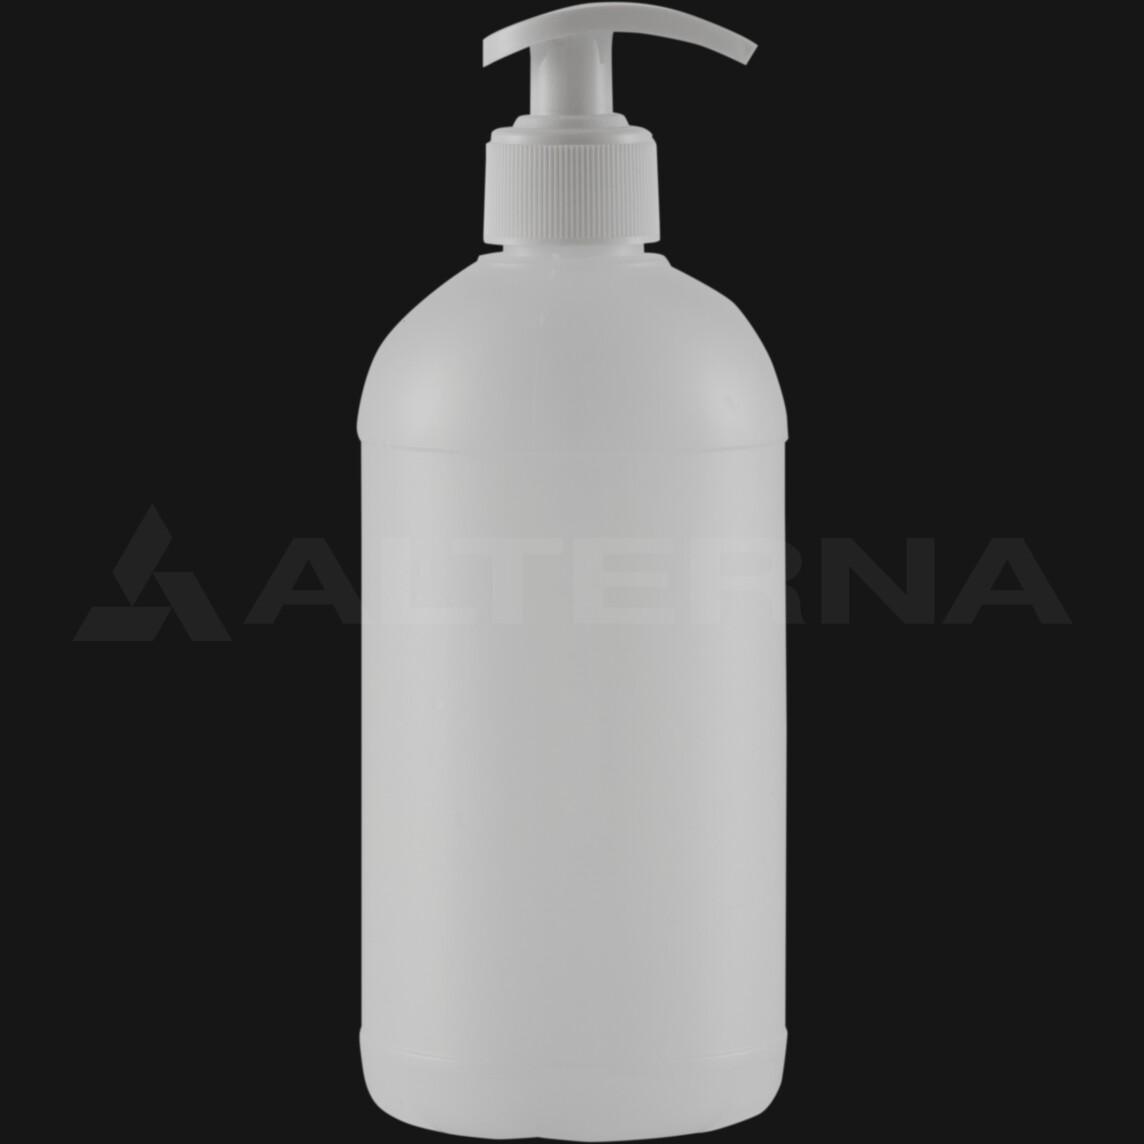 500 ml HDPE Bottle with 28 mm Pump Dispenser